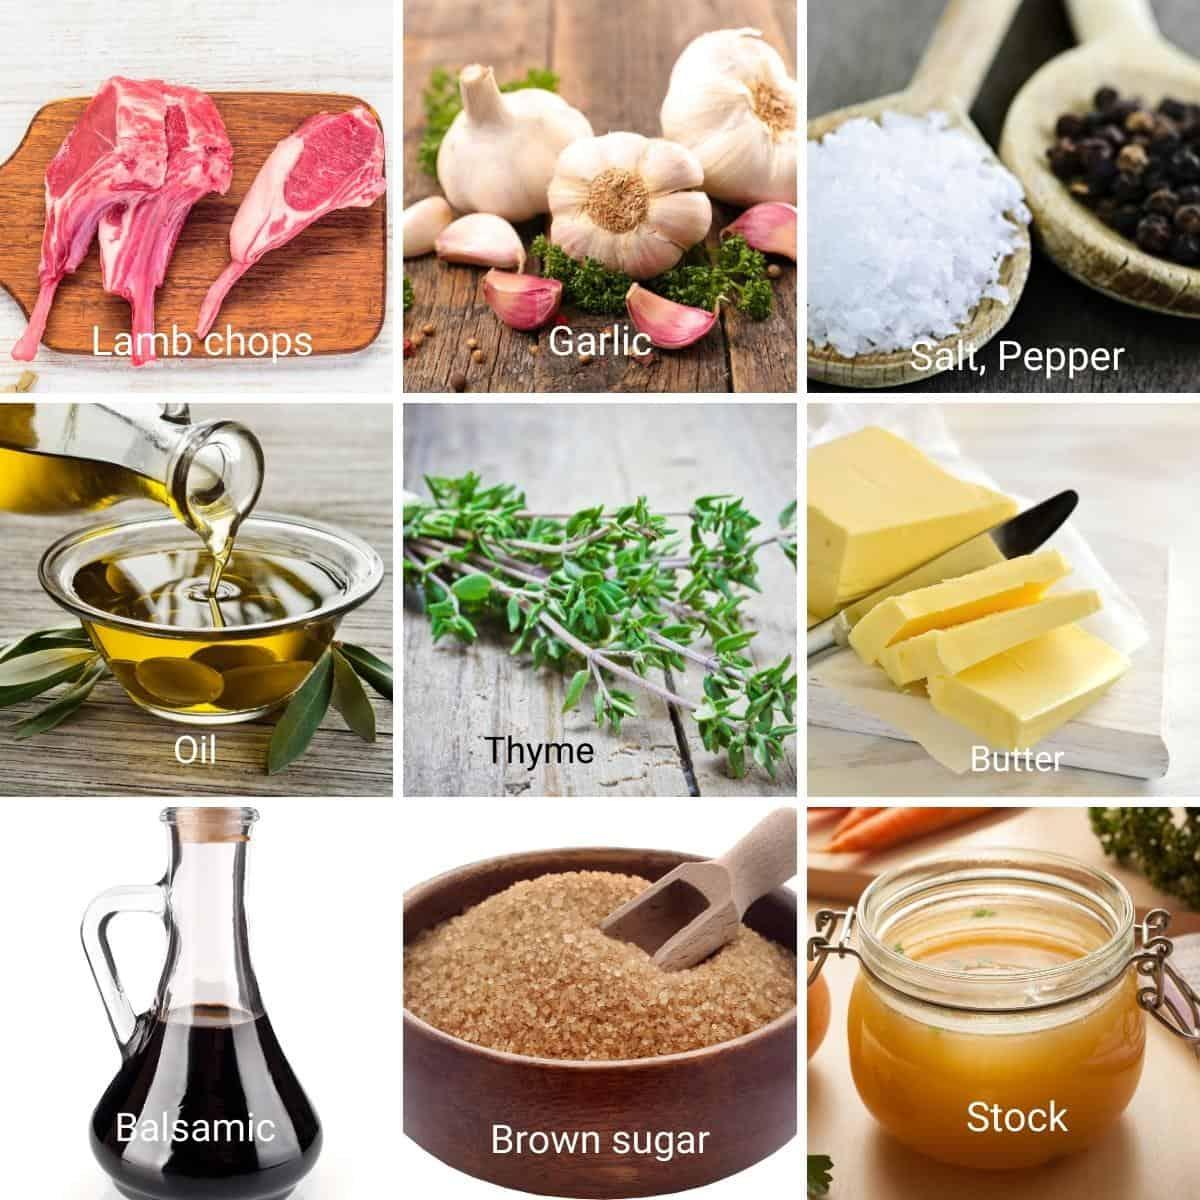 Ingredients to make lamb chops.